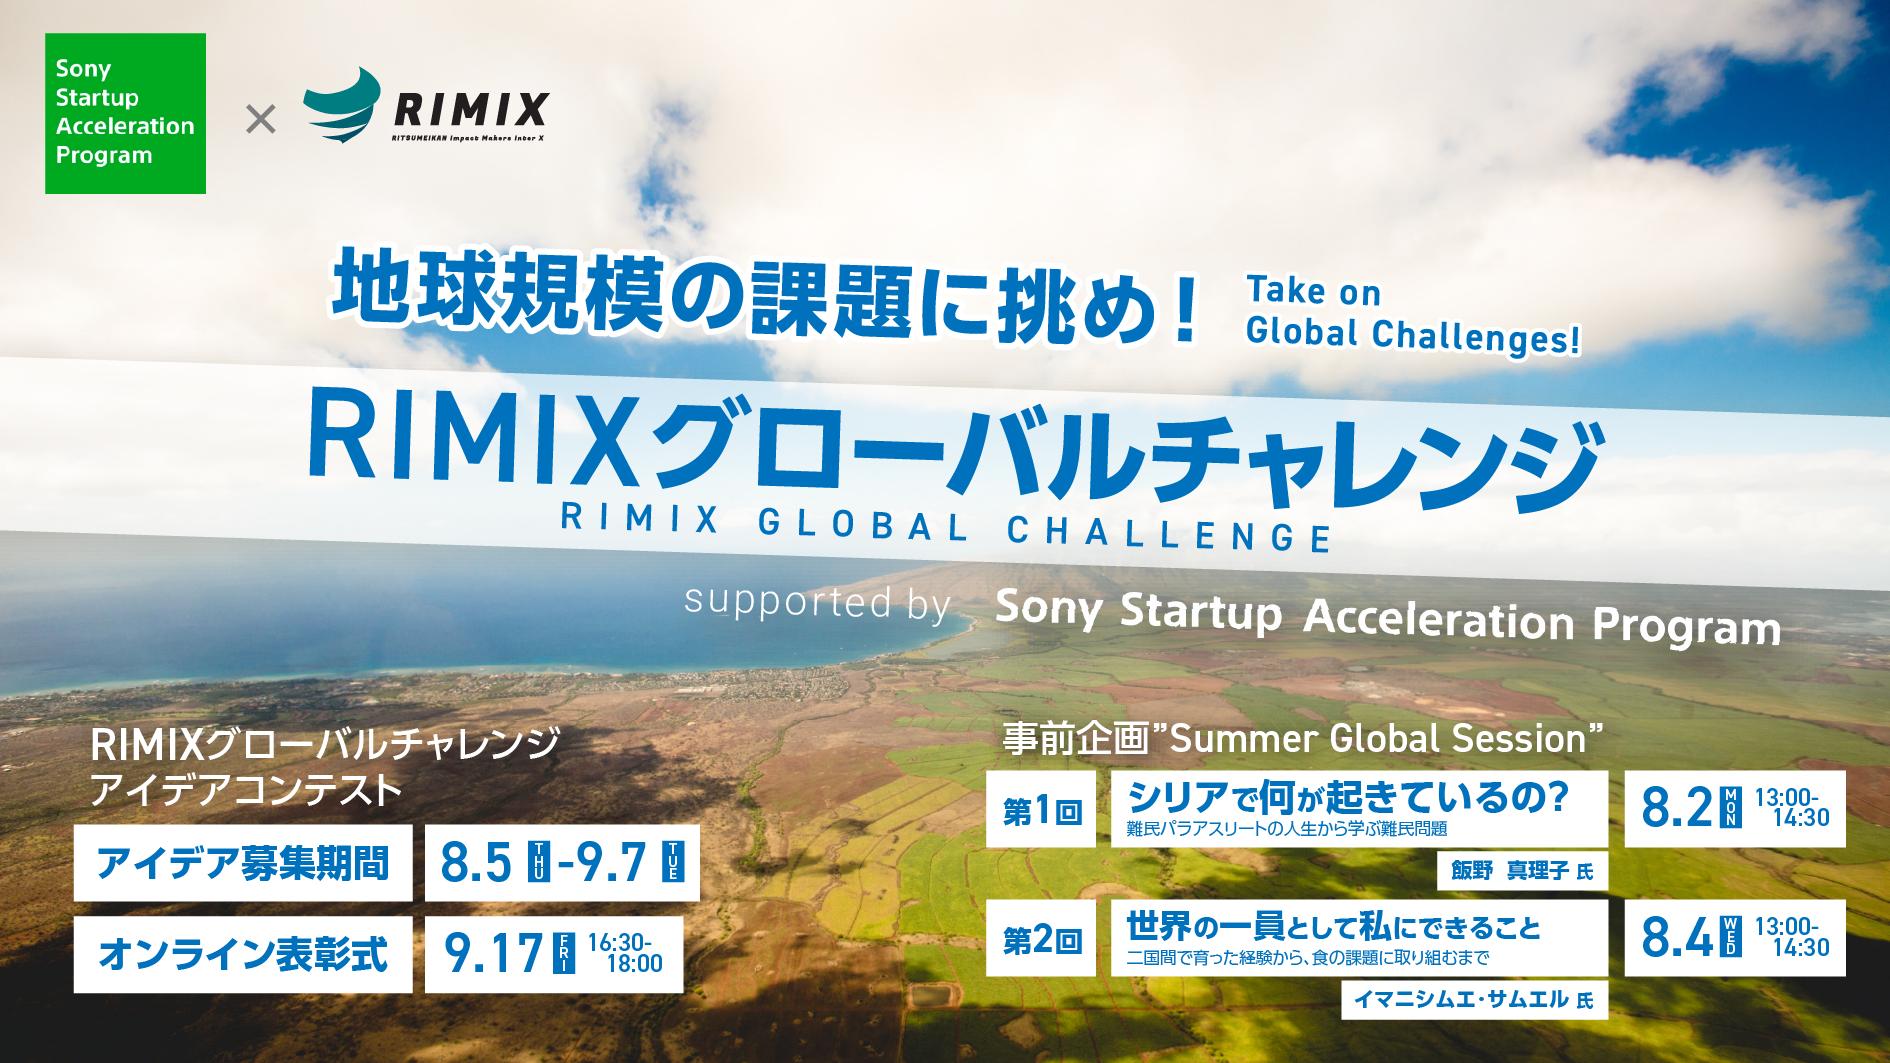 今年の夏休みは世界課題に挑戦!RIMIXグローバルチャレンジ supported by Sony Startup Acceleration Program